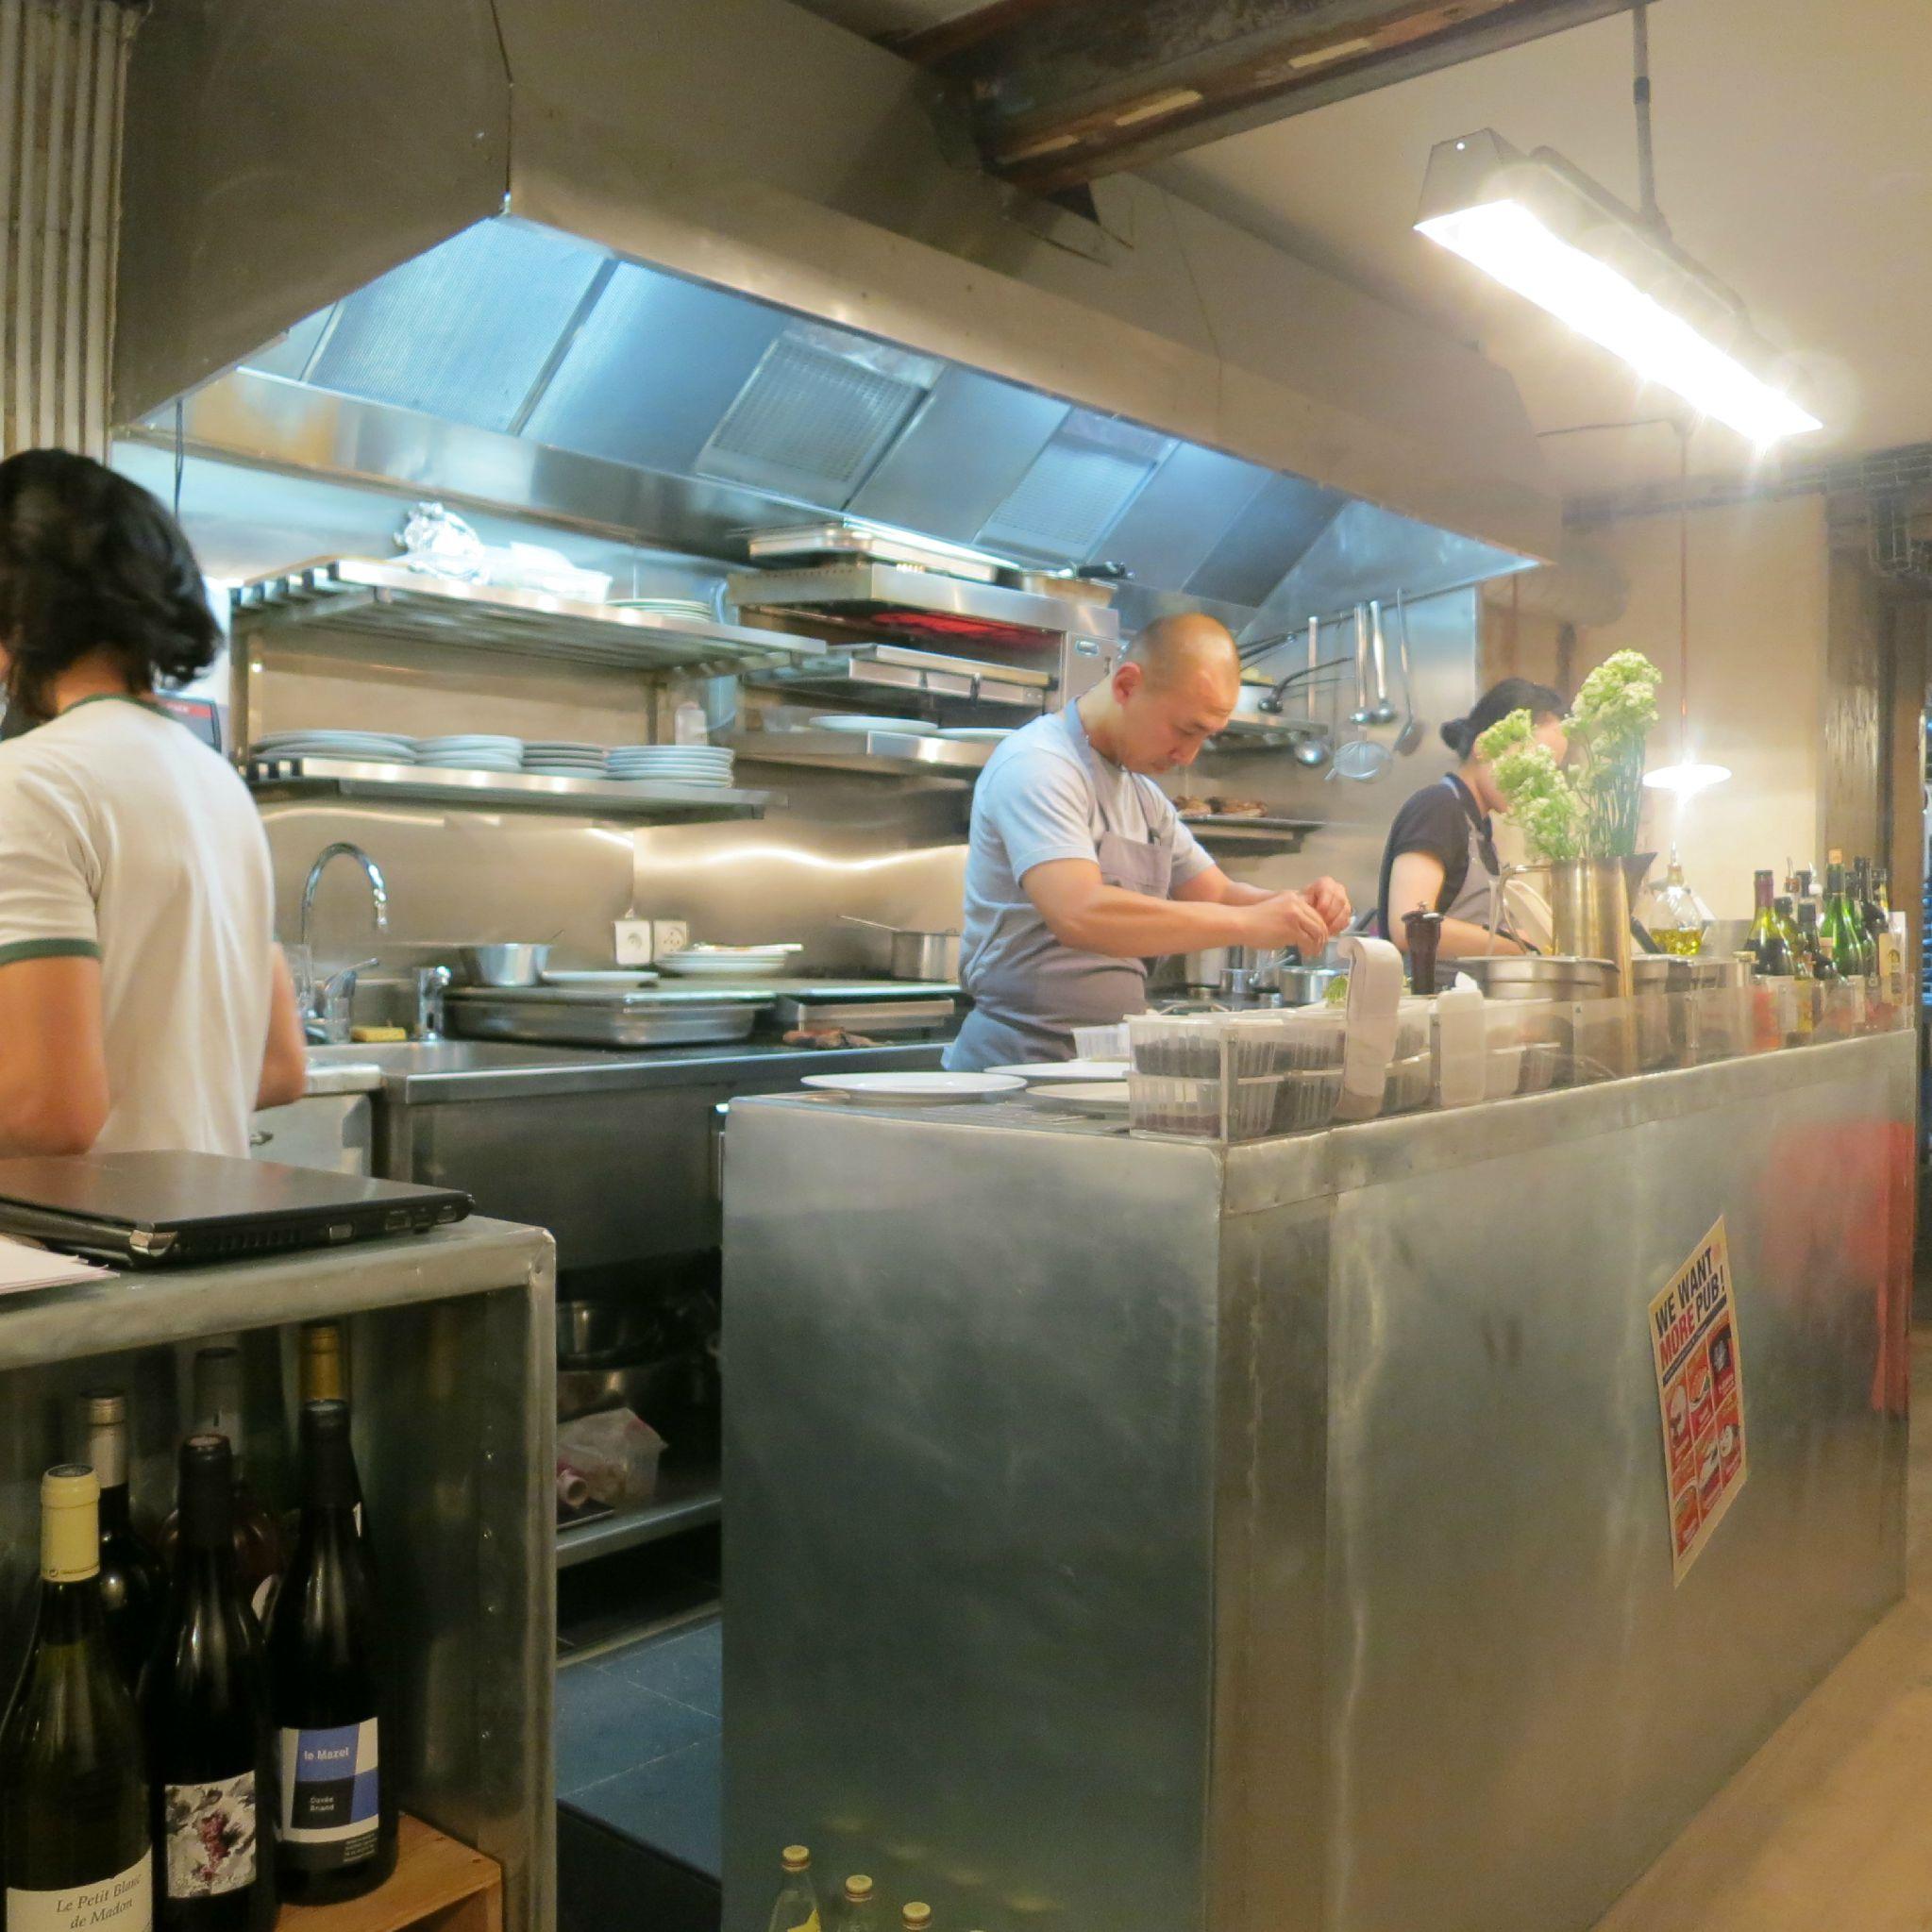 Abri paris 10 coup de foudre pour un ovni for Restaurant abri paris